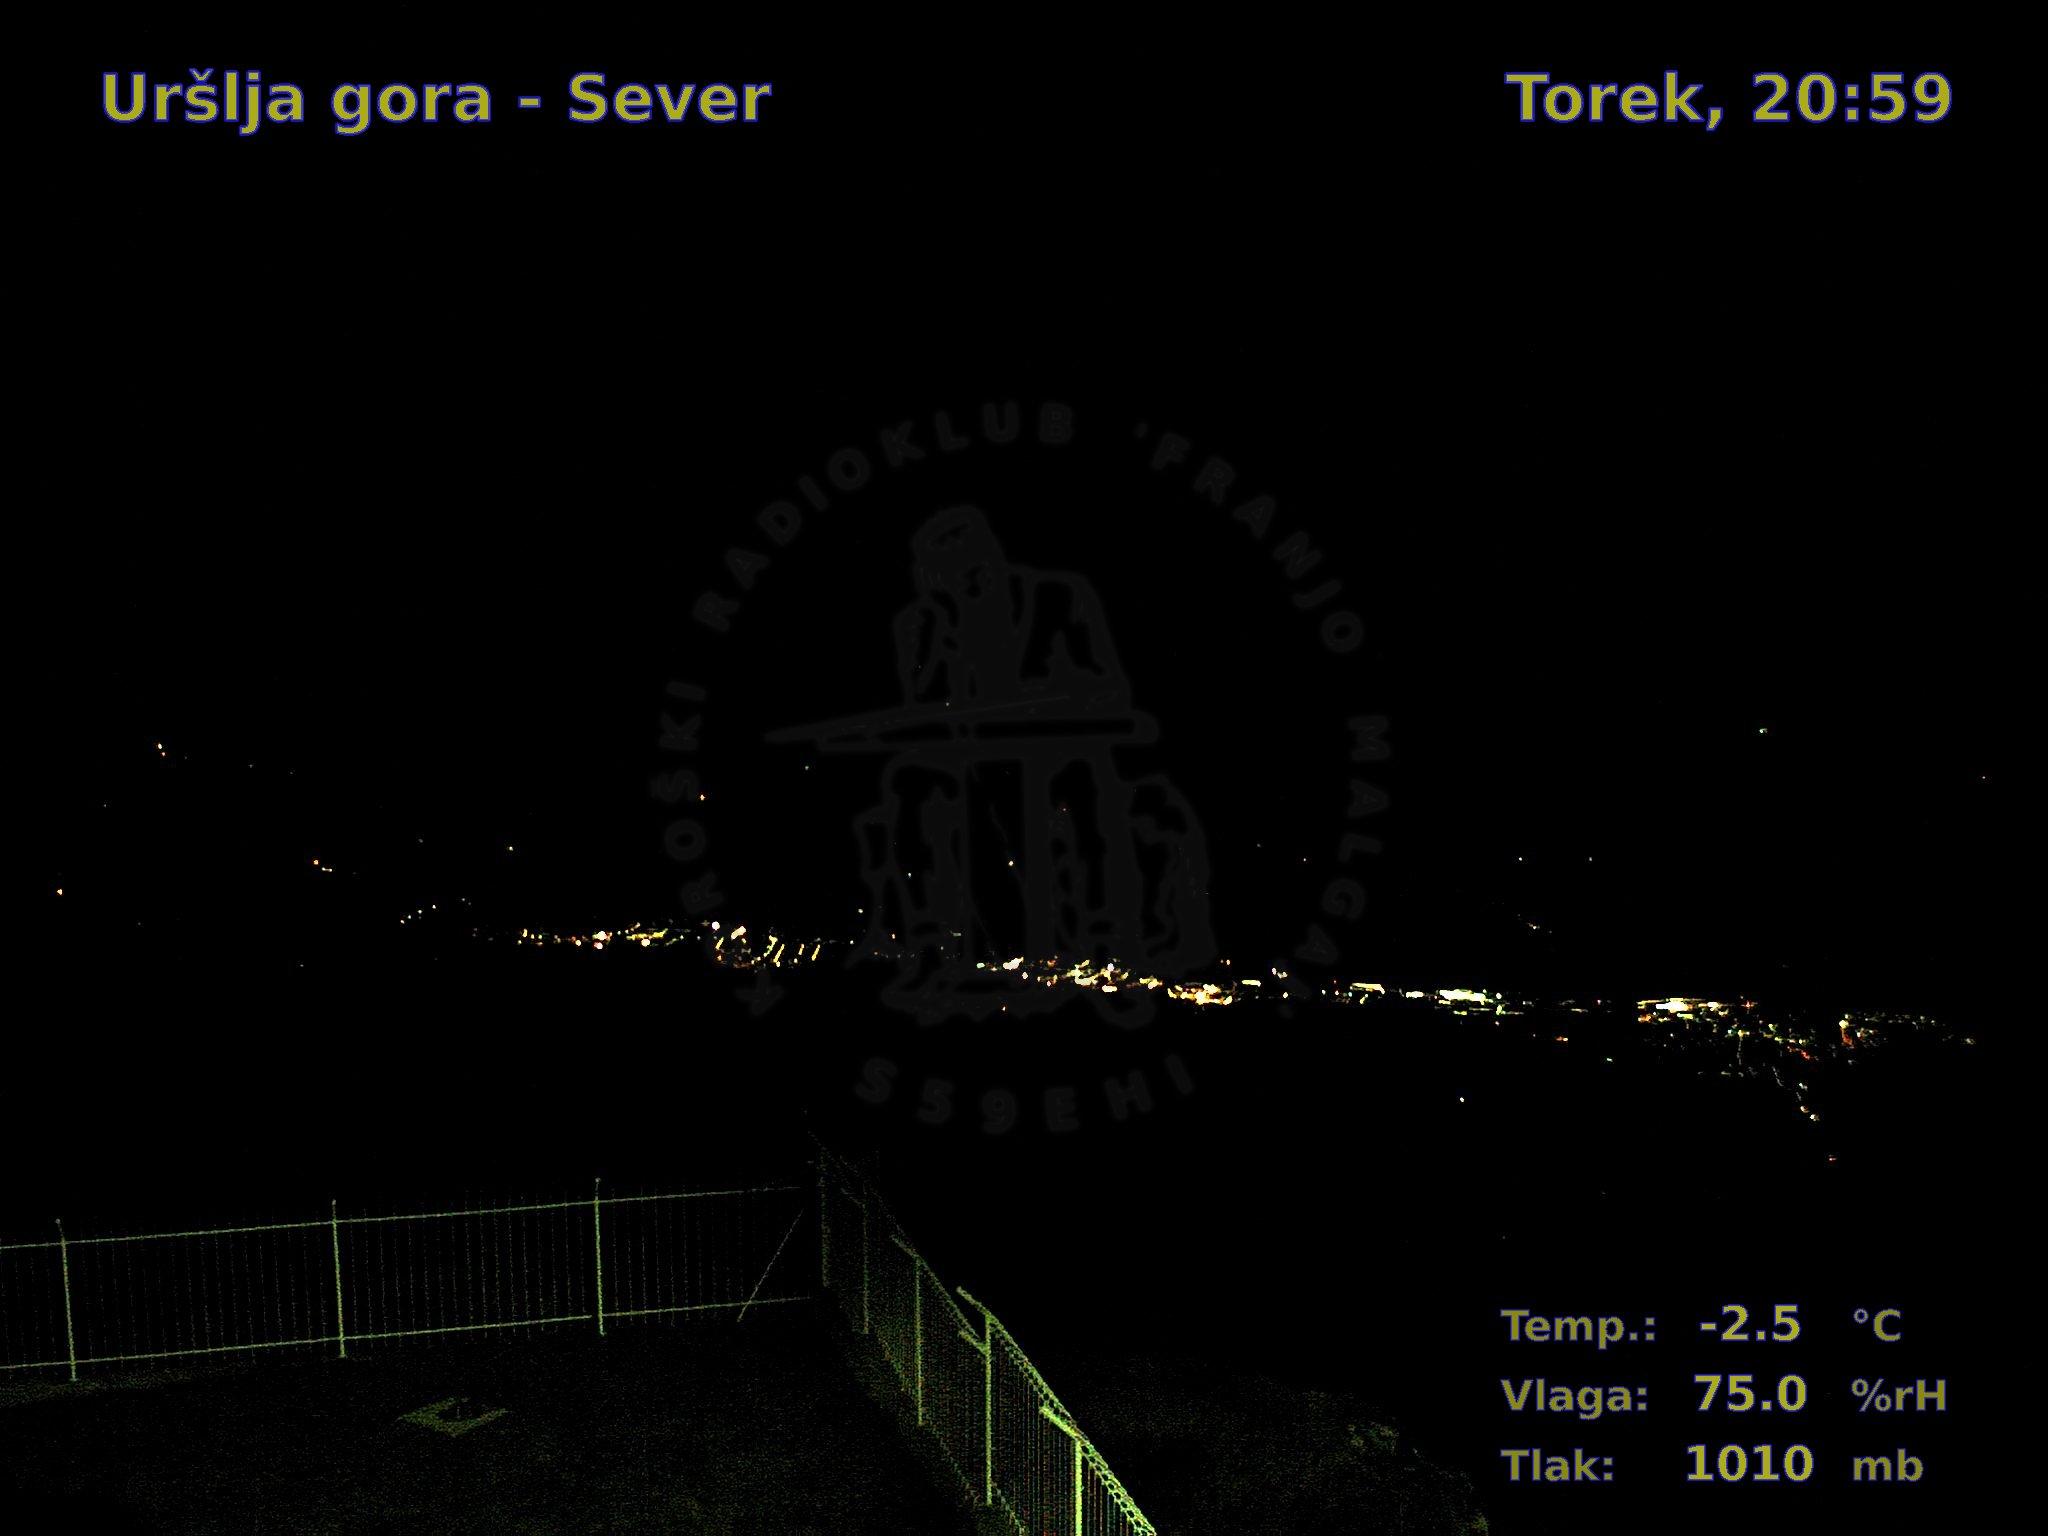 Uršlja gora-Sever, 20:00